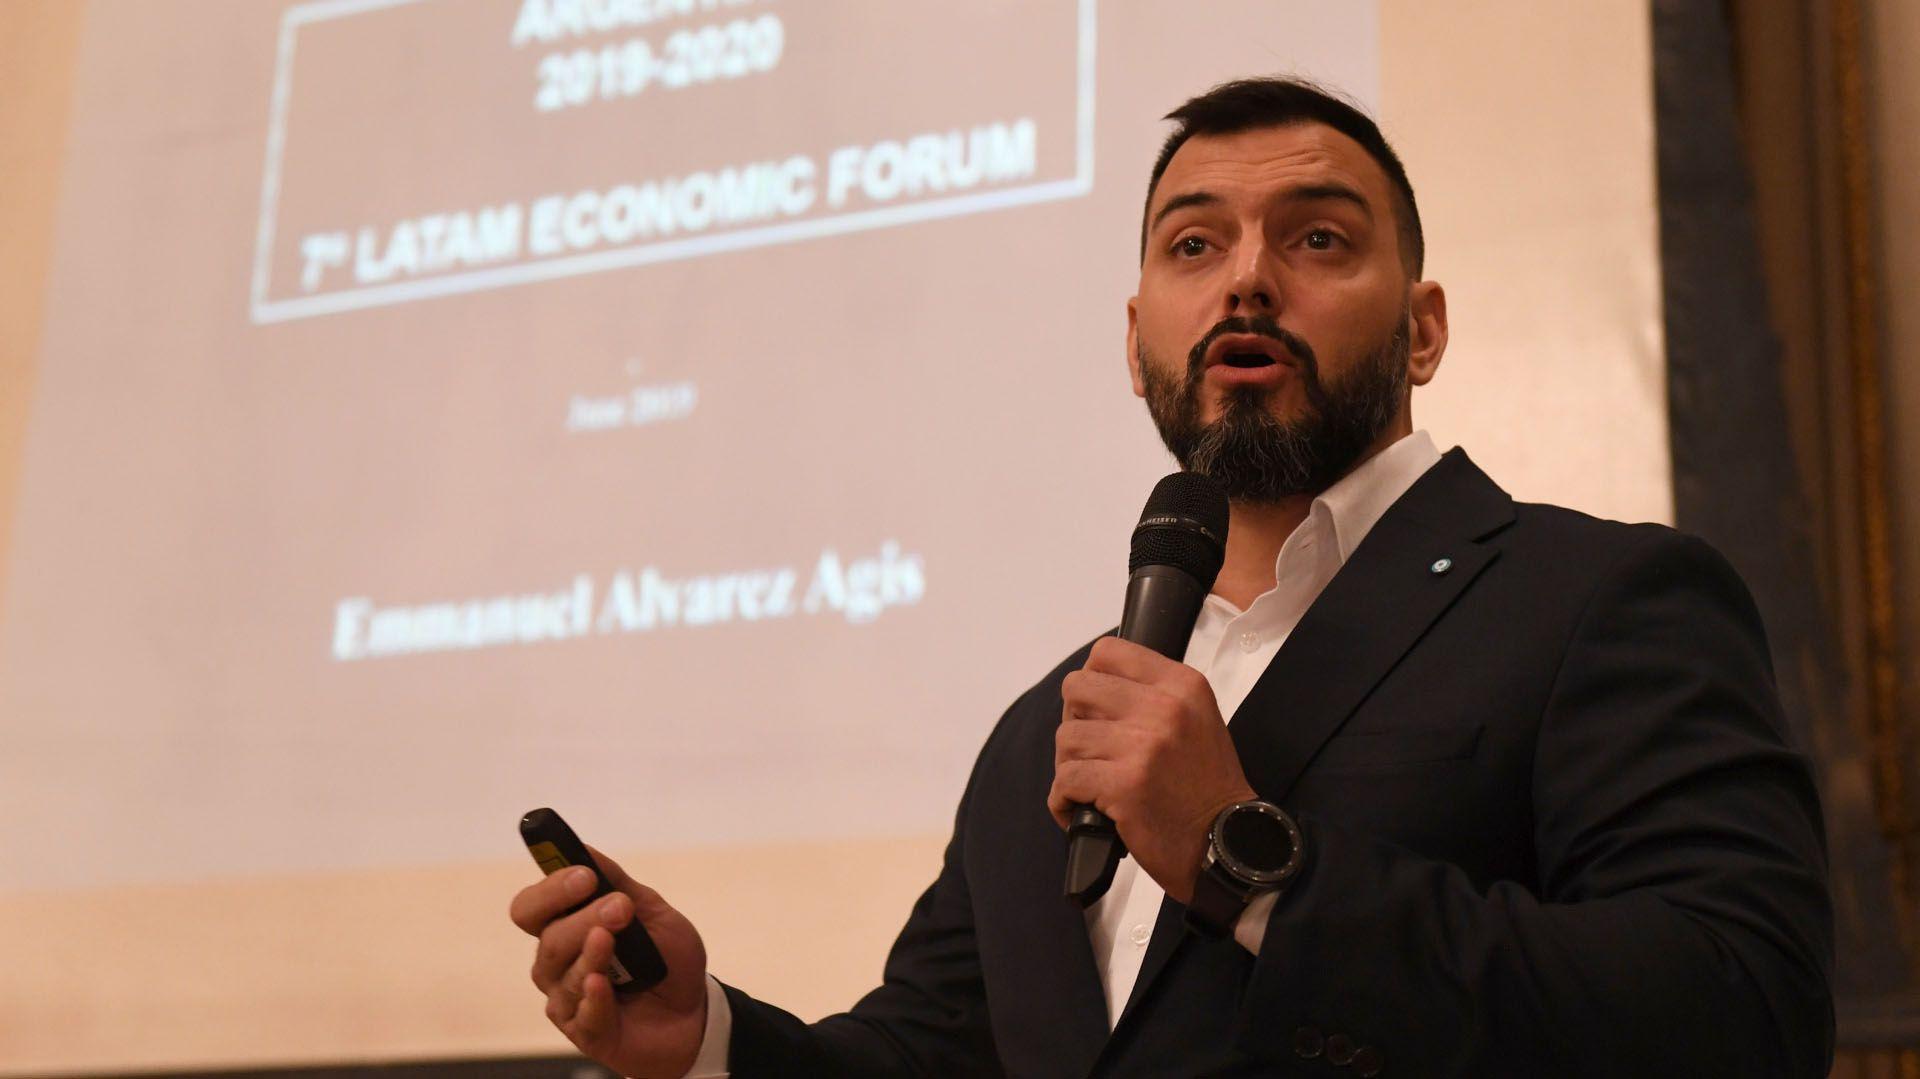 Emmanuel Álvarez Agis, otro de los oradores del evento (Maximiliano Luna)